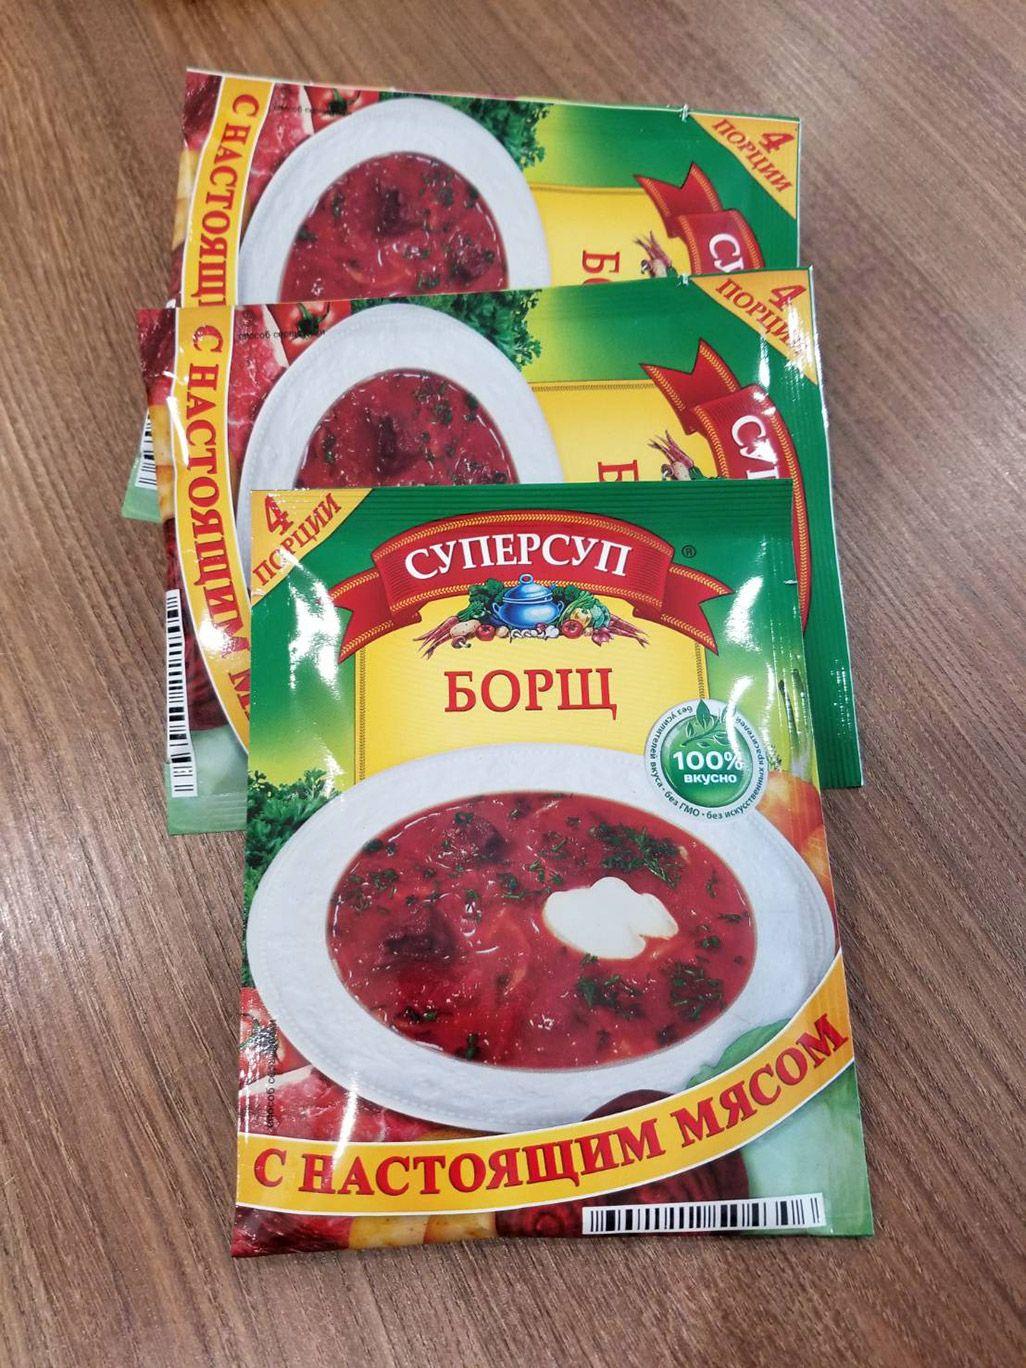 モスクワで売られている袋入りのインスタントボルシチ